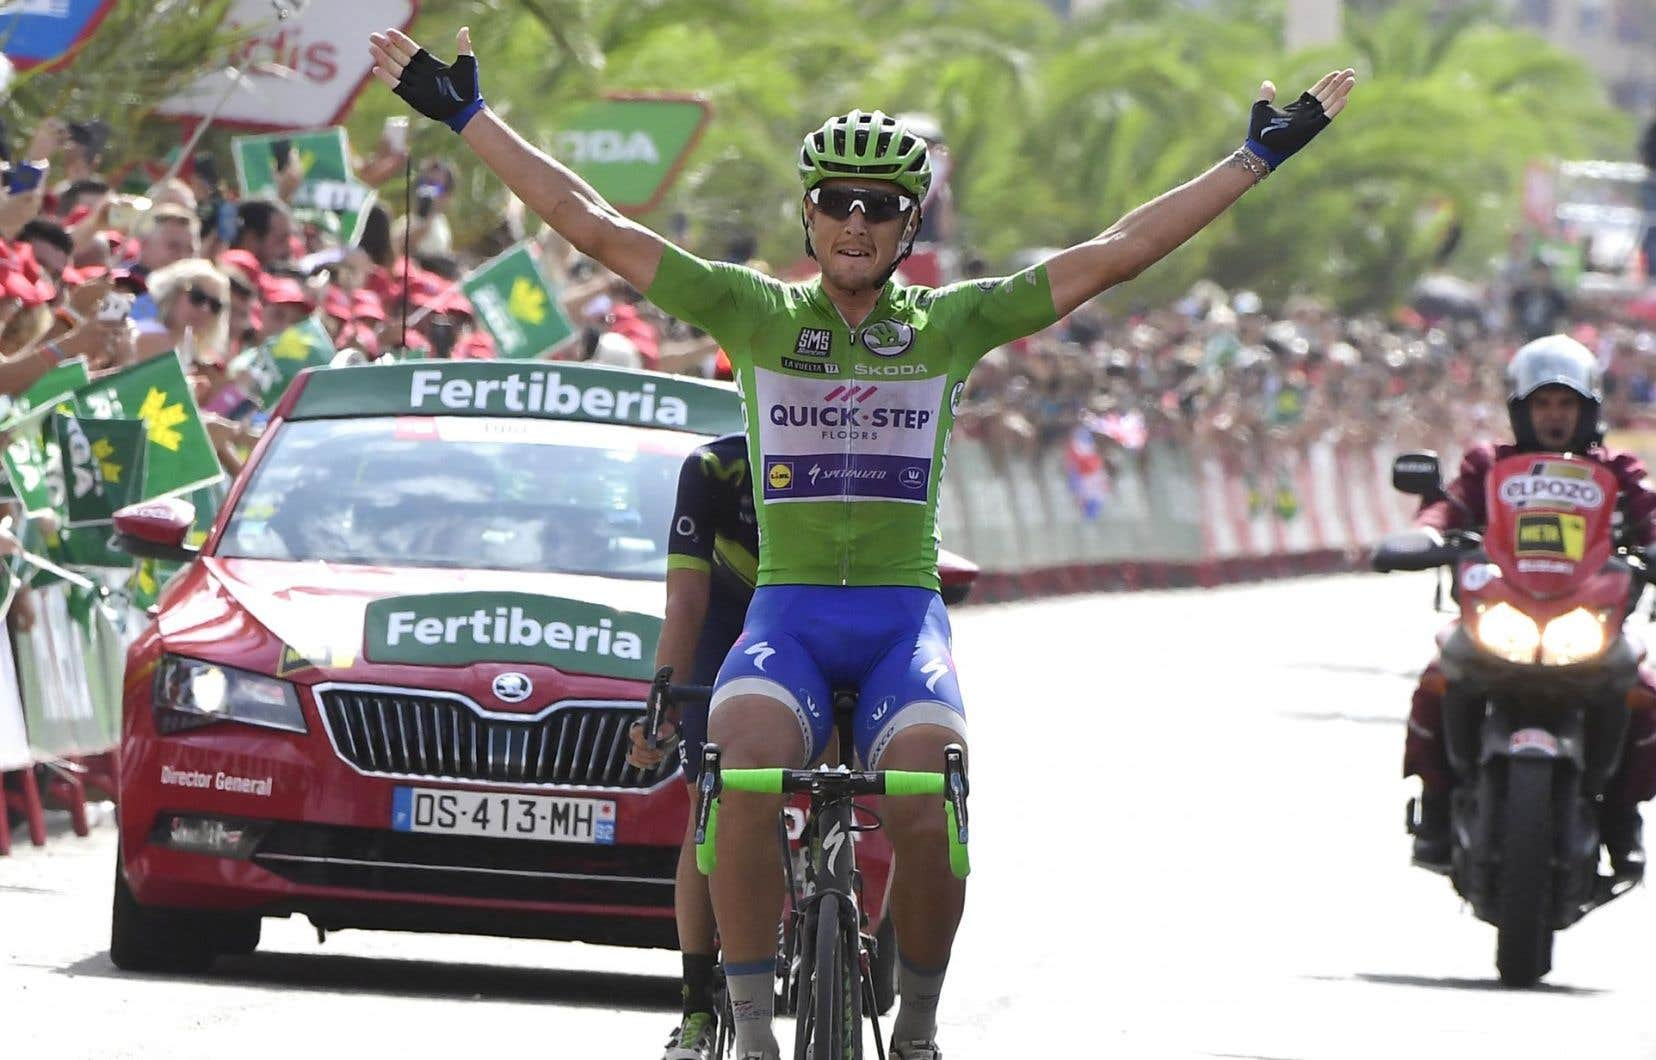 «Je voulais vraiment cette victoire. Cela faisait longtemps que je pensais à cette étape parce que la montée était difficile mais régulière», a raconté Matteo Trentin à l'arrivée.